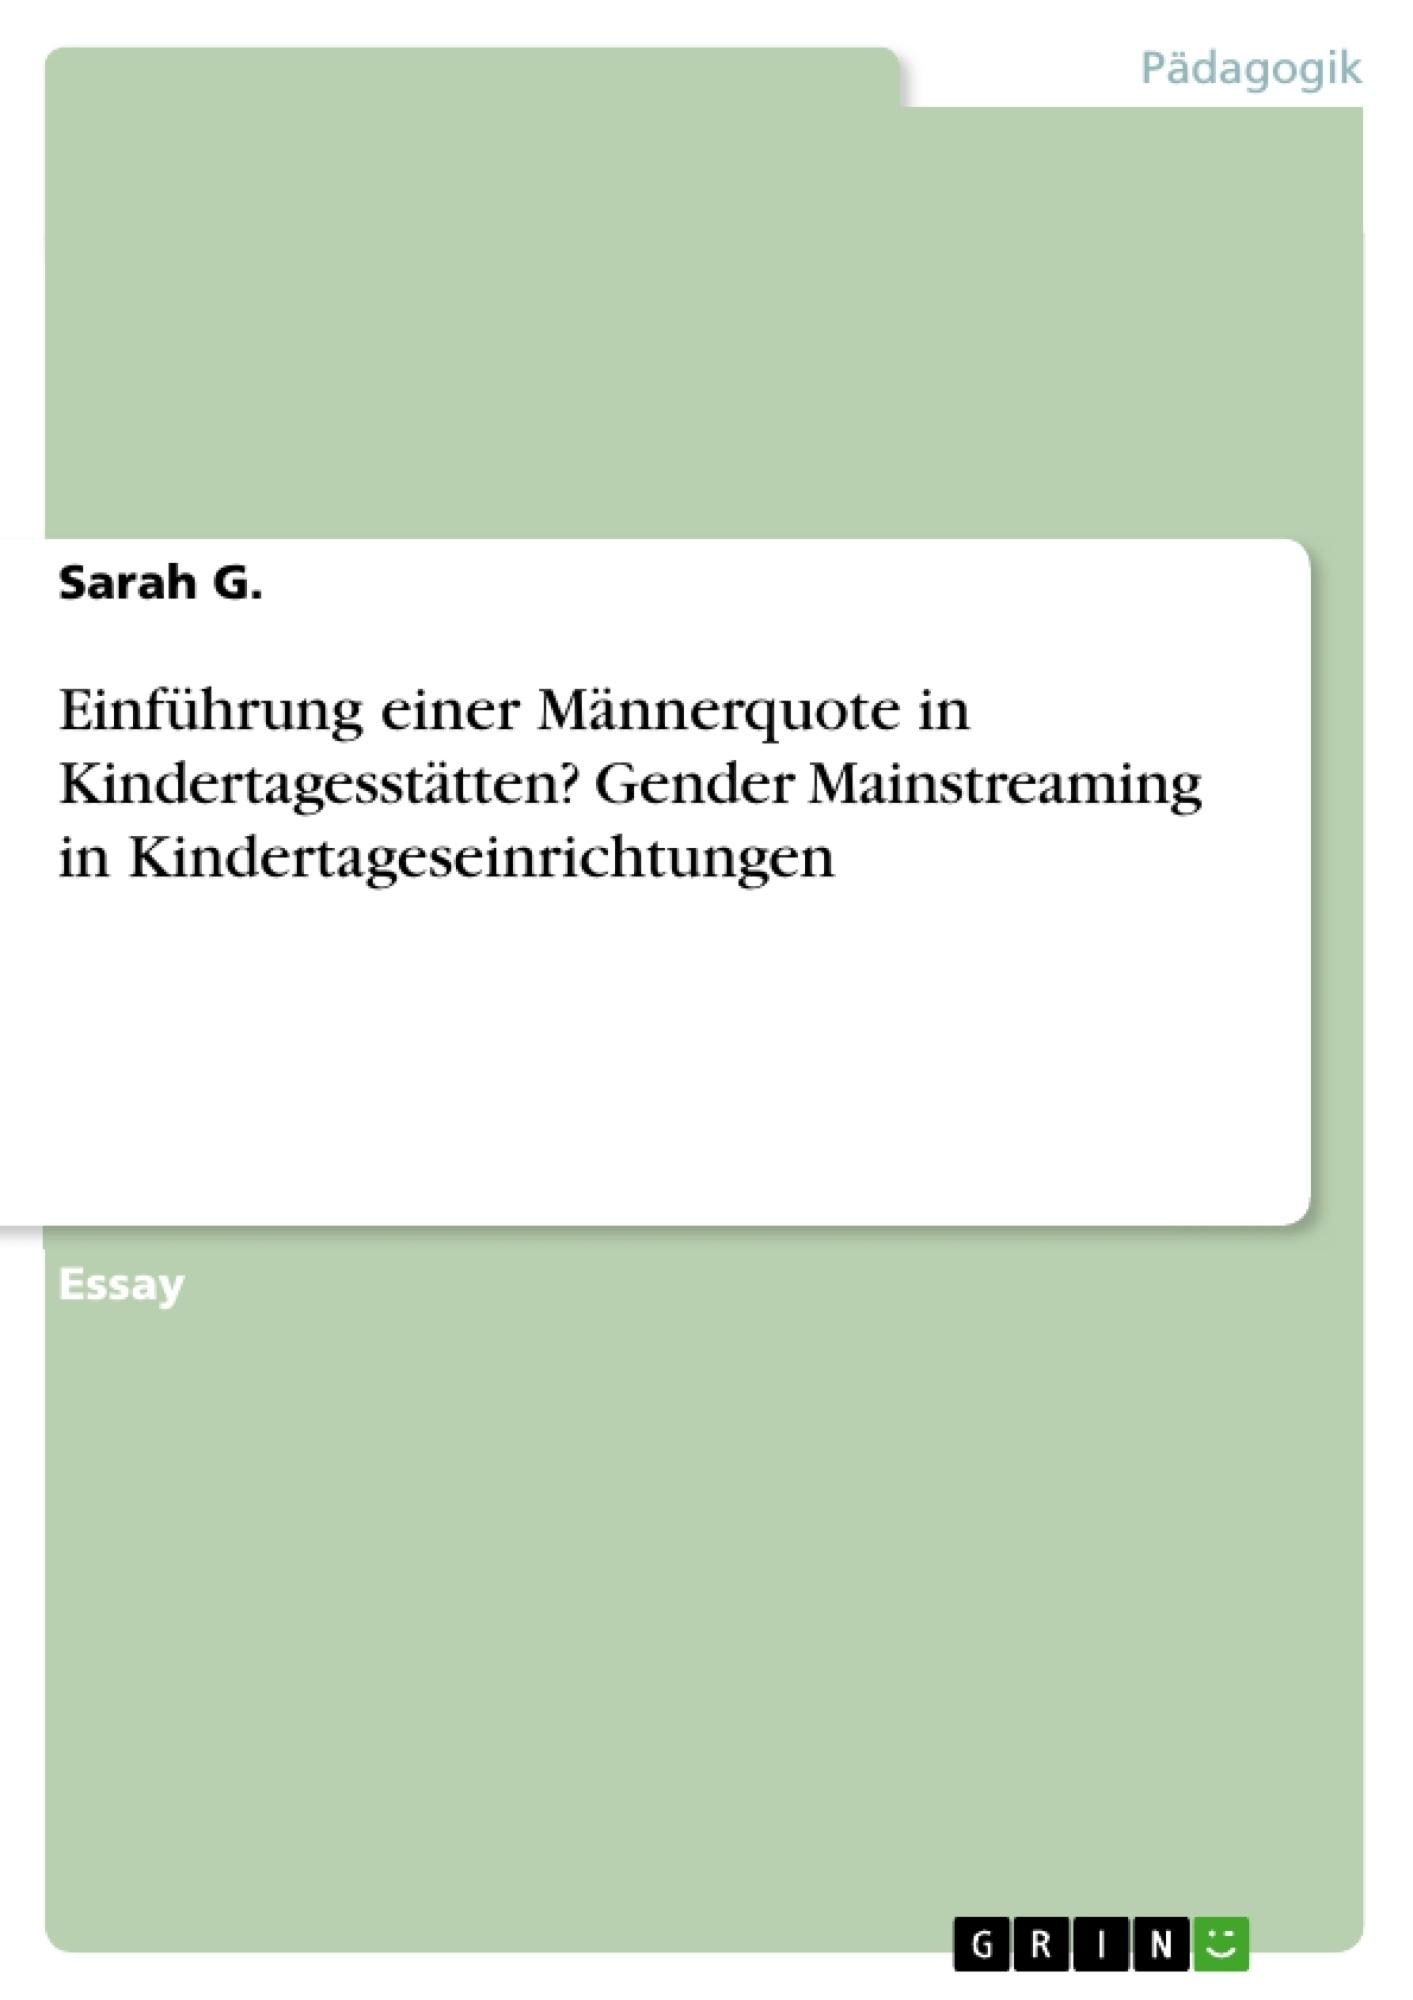 Titel: Einführung einer Männerquote in Kindertagesstätten? Gender Mainstreaming in Kindertageseinrichtungen